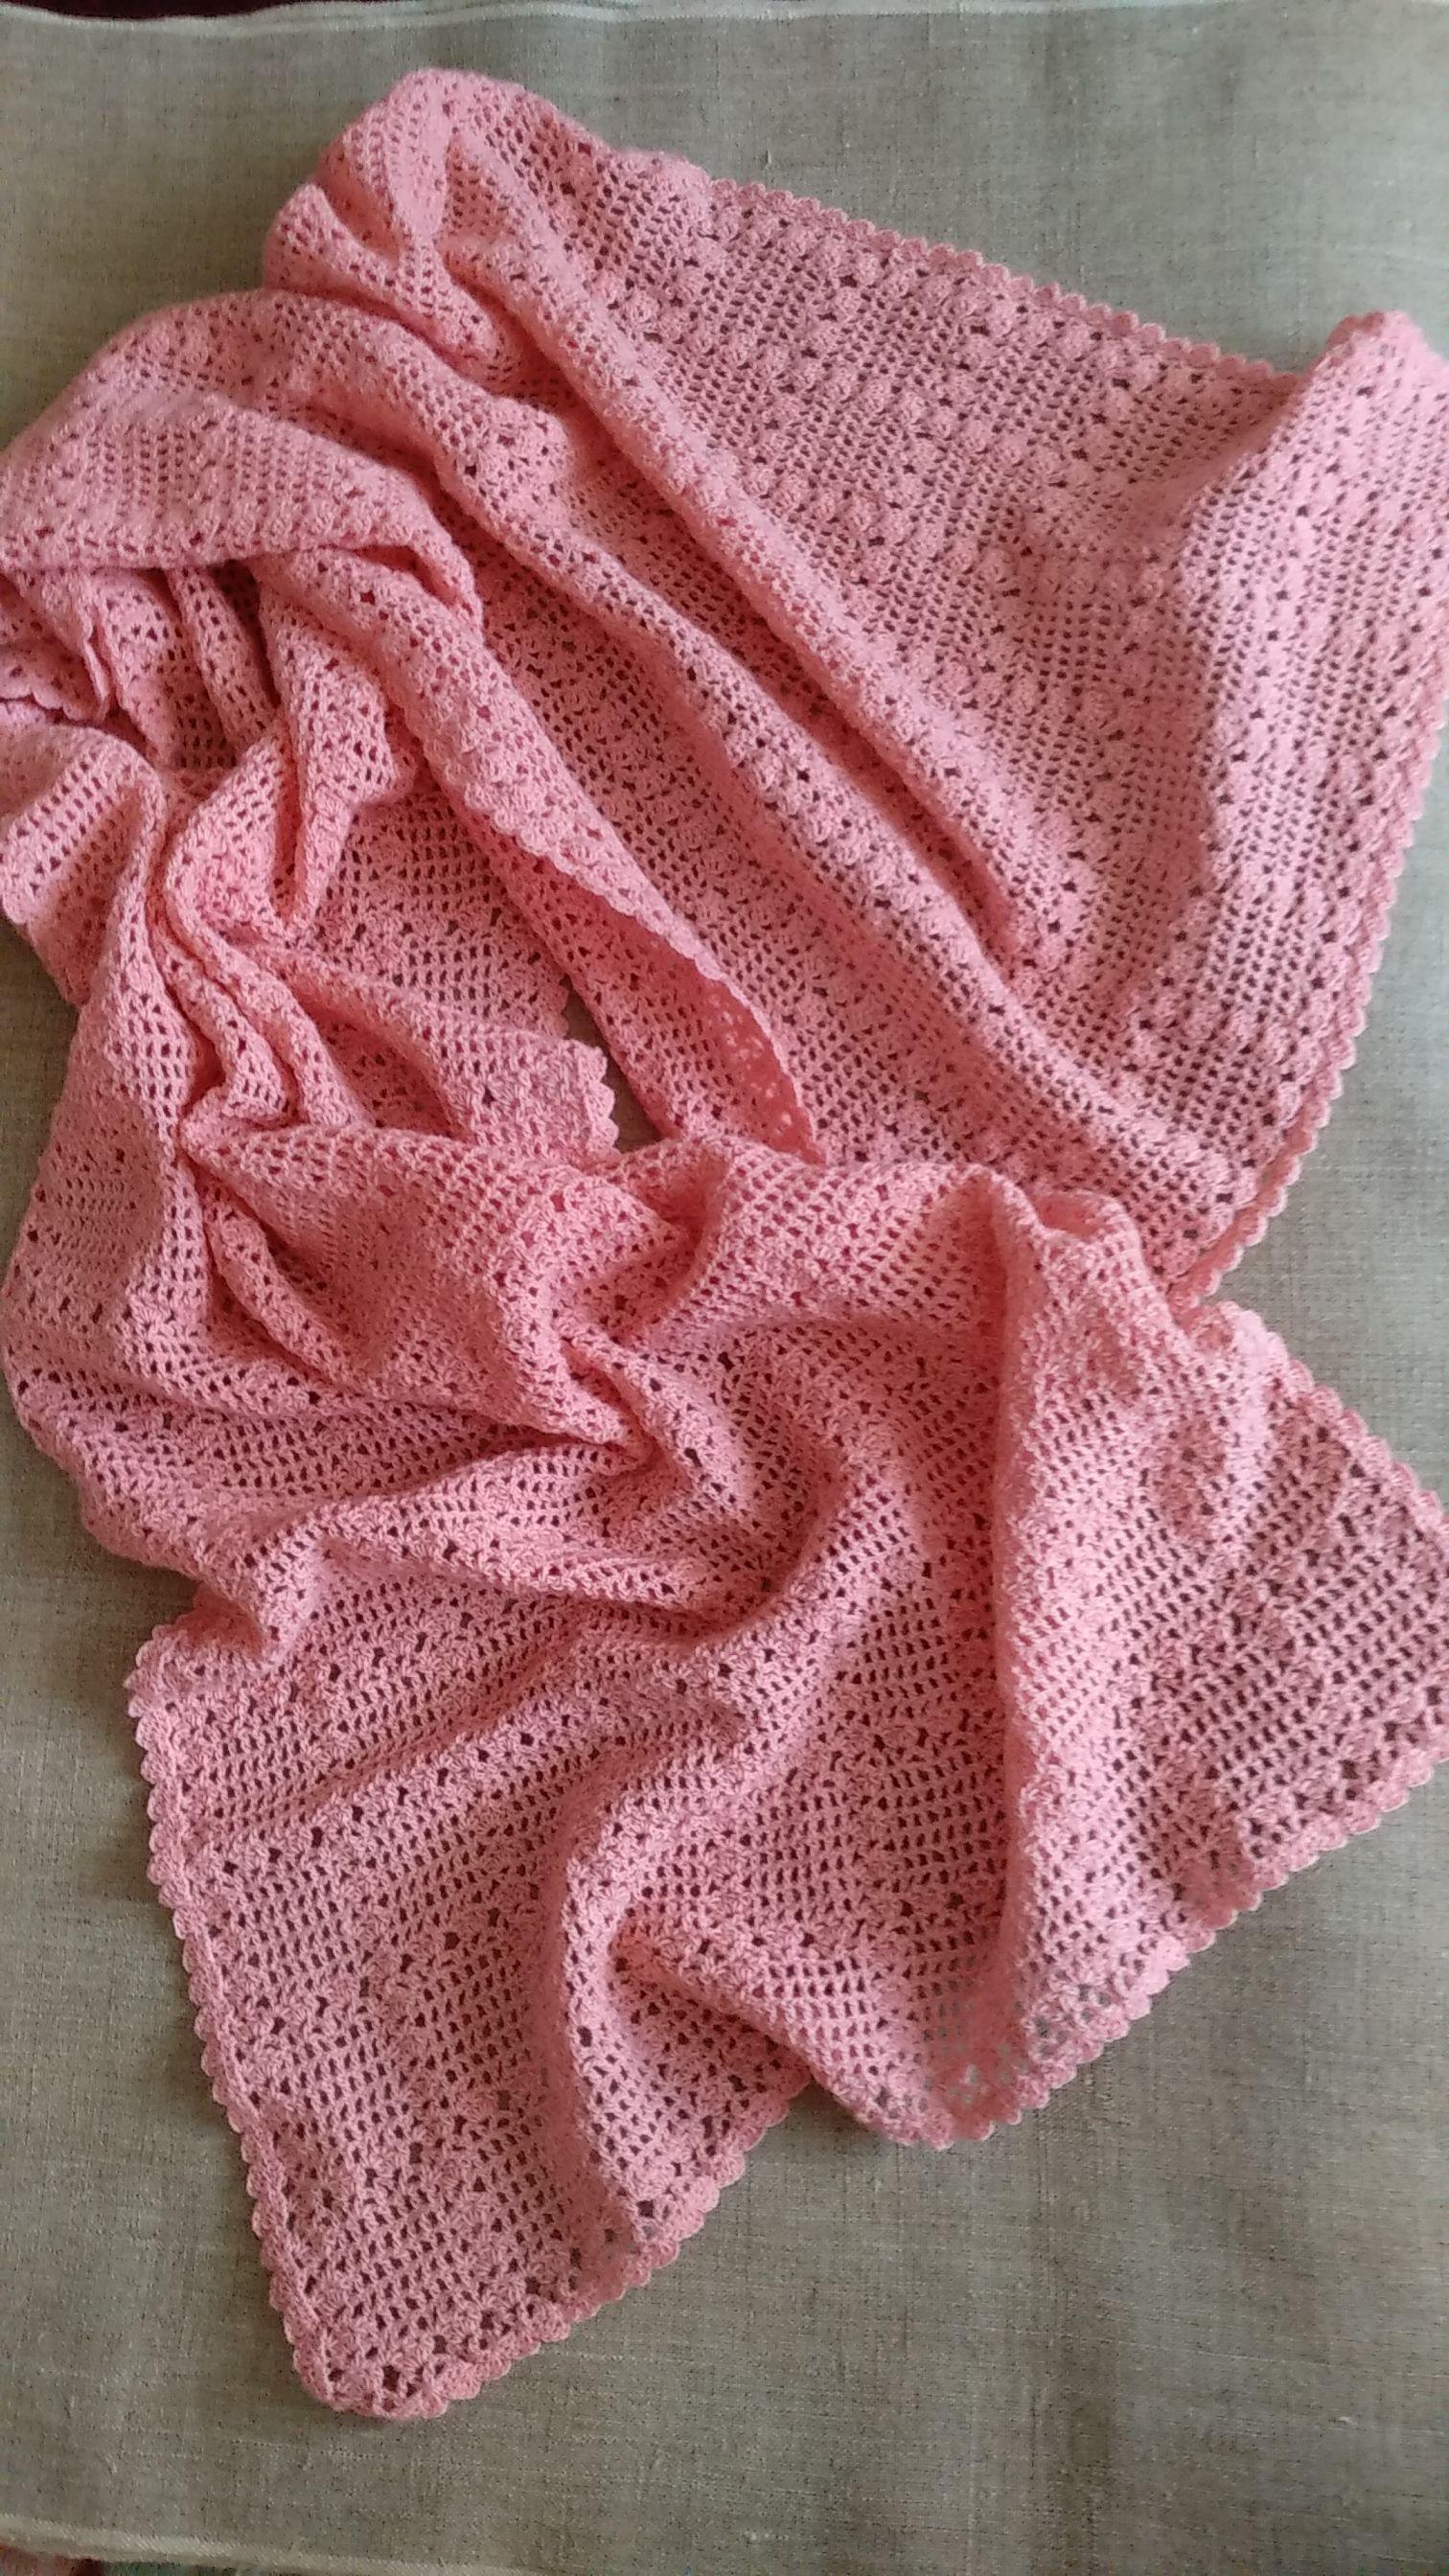 шерсть100 крючком аксессуар шикарный handmade розовый шарф_палантин купить подарок палантин